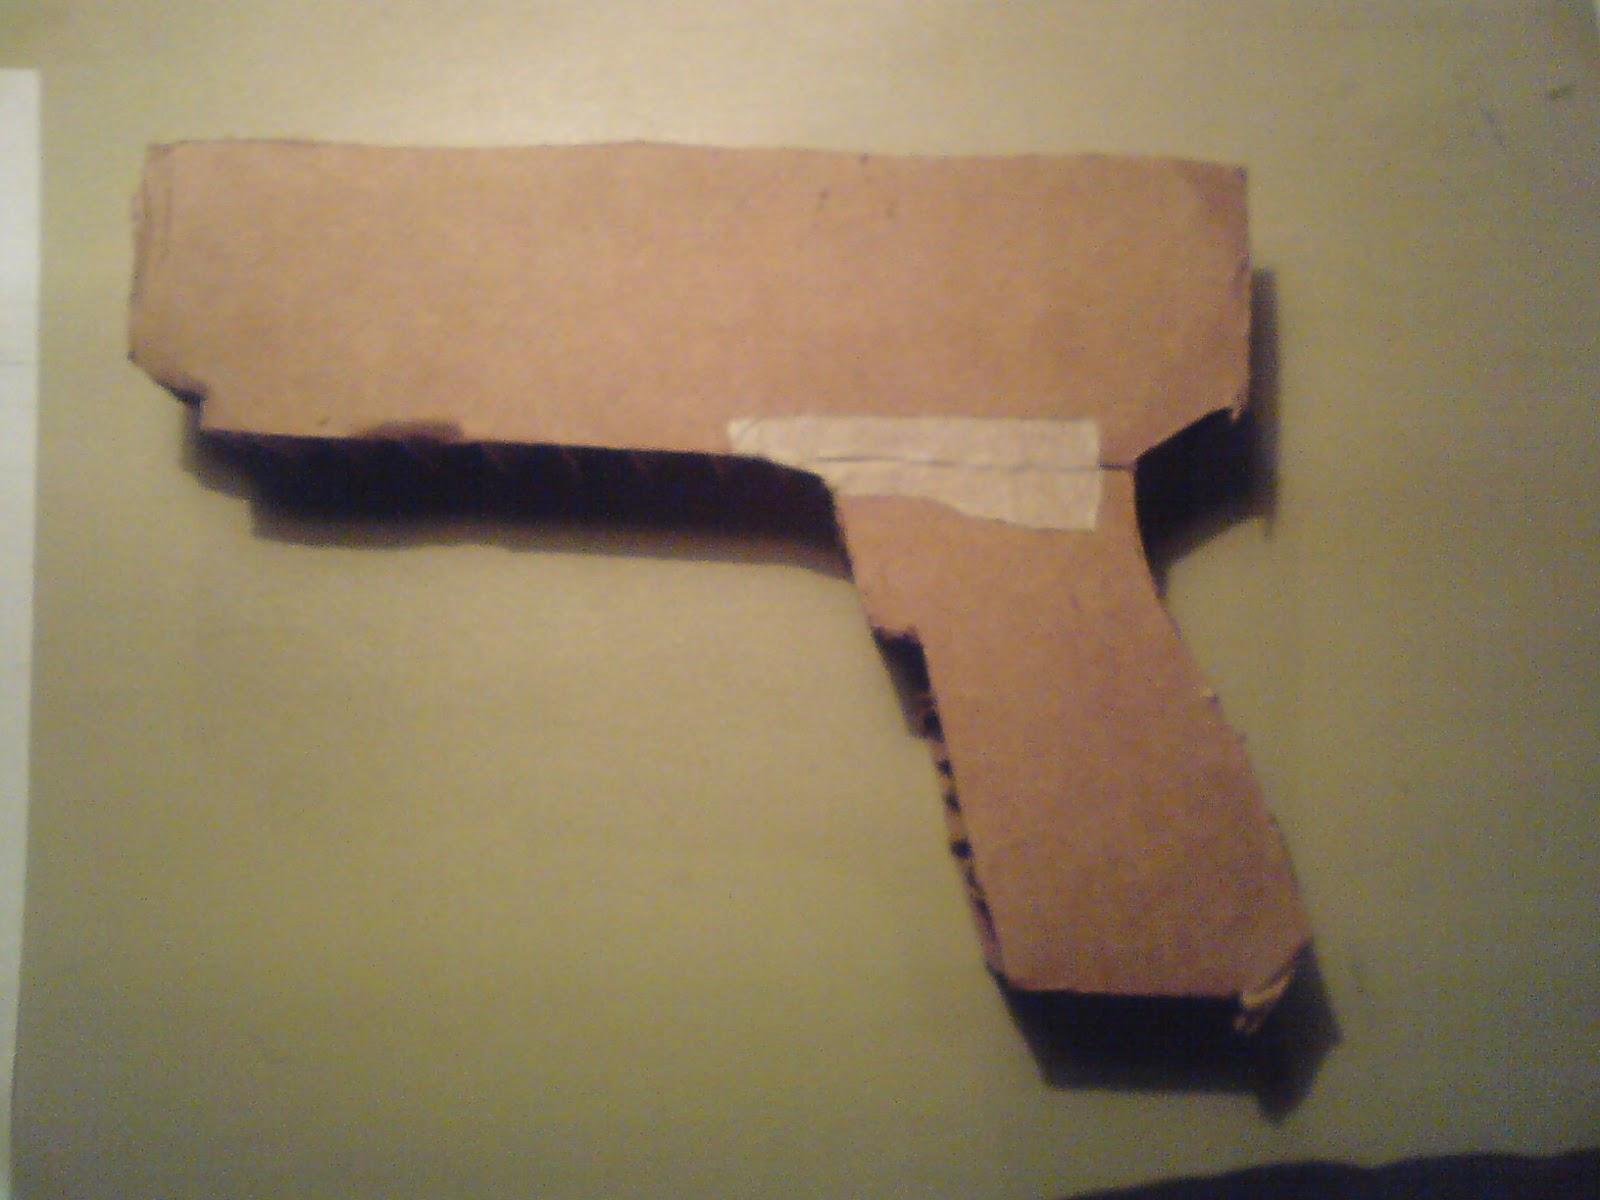 Pistola Blacktail - Resident Evil DSC04412